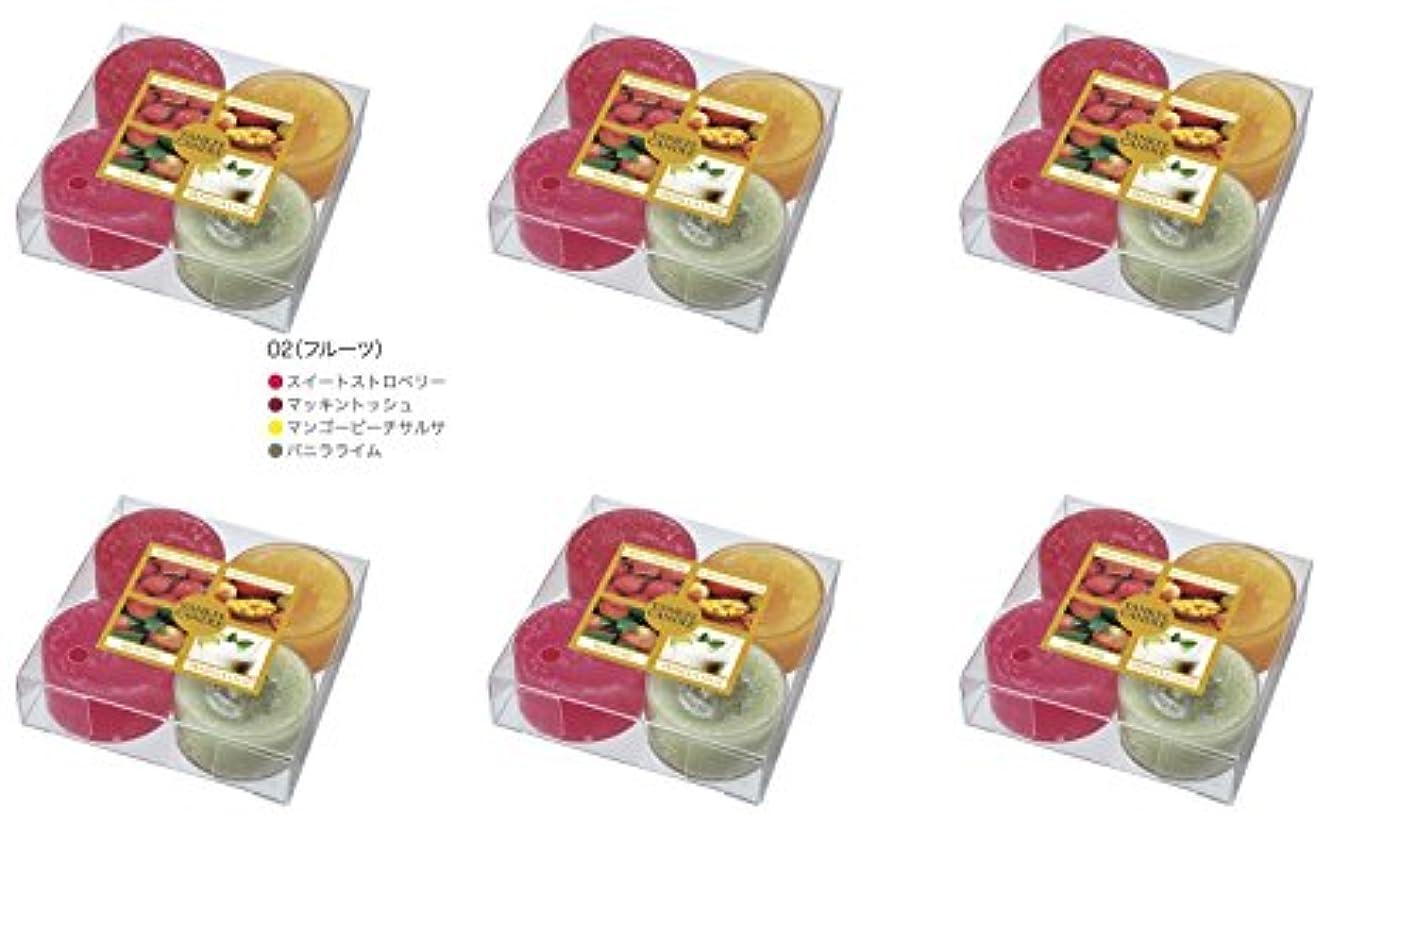 異常触手ゴネリルYANKEE CANDLE(ヤンキーキャンドル) ティーライトアソート フルーツ【6点セット】